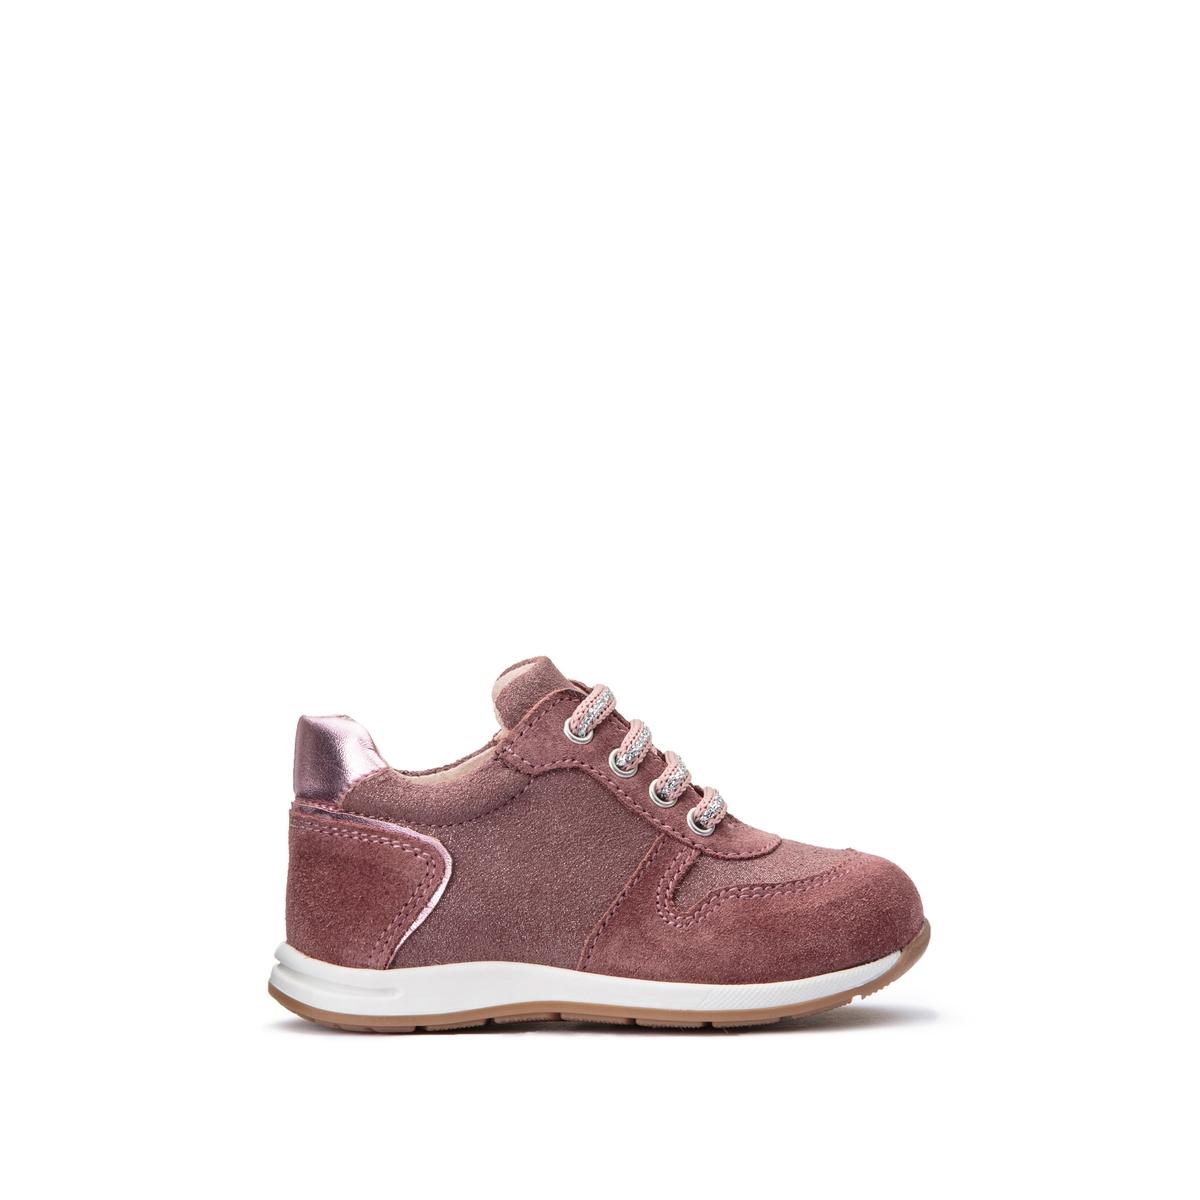 Кеды La Redoute Кожаные на шнуровке размеры - 19 розовый набор happy box игрушка и карамель 18 г